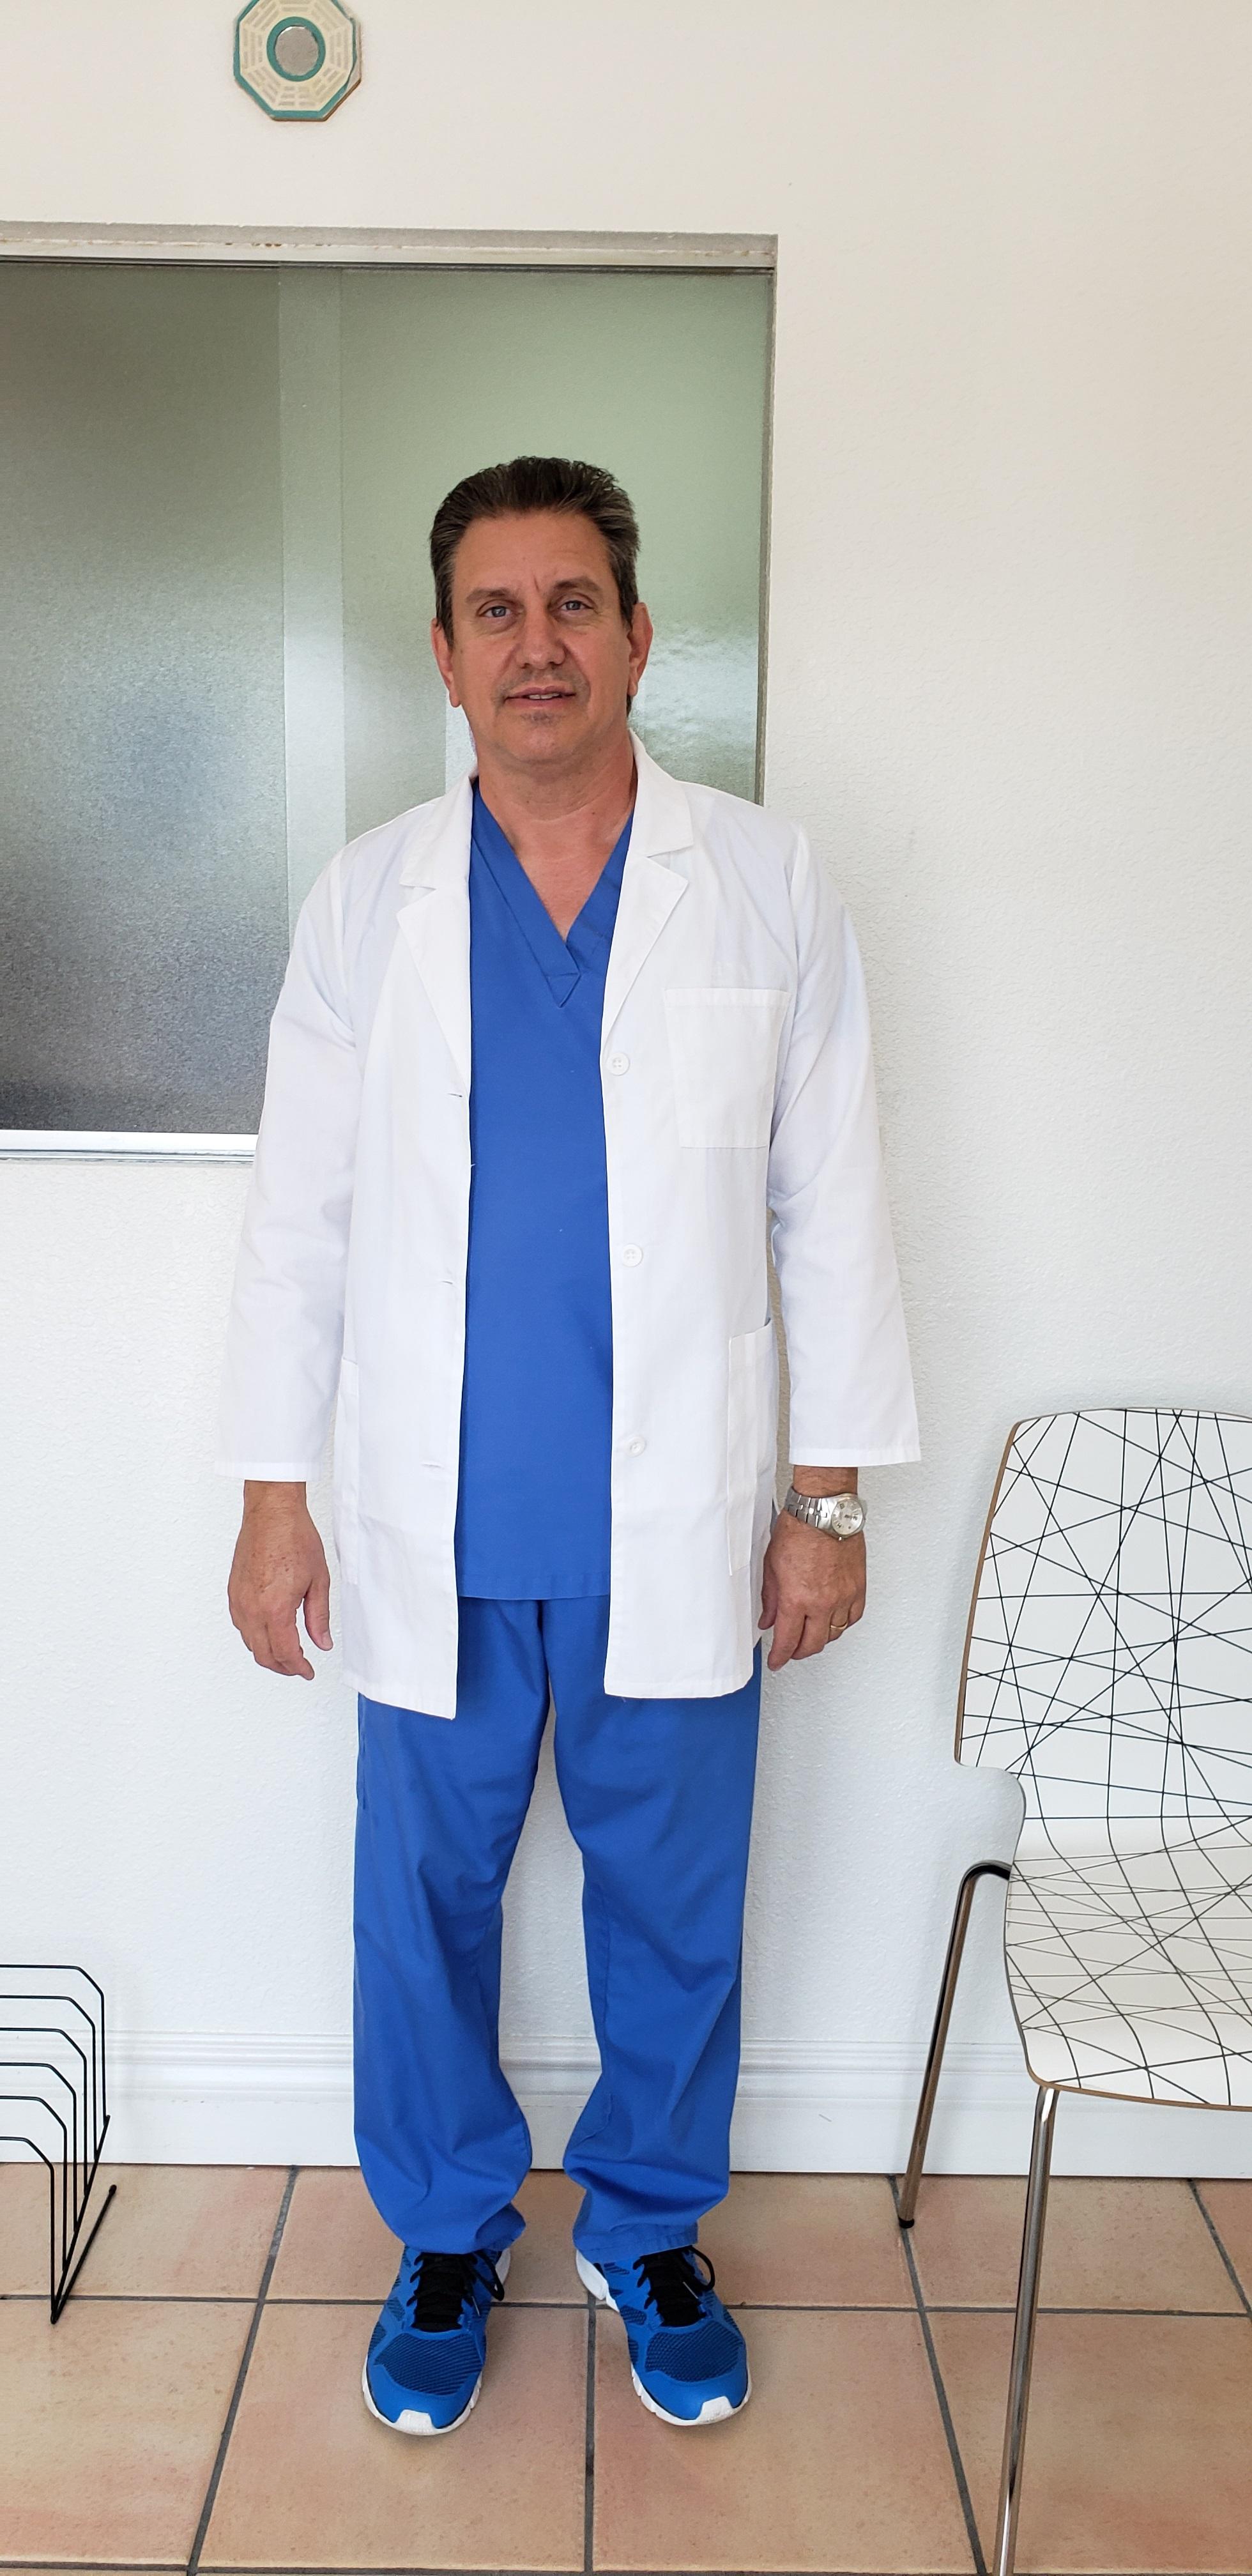 Dr. Mazzarella